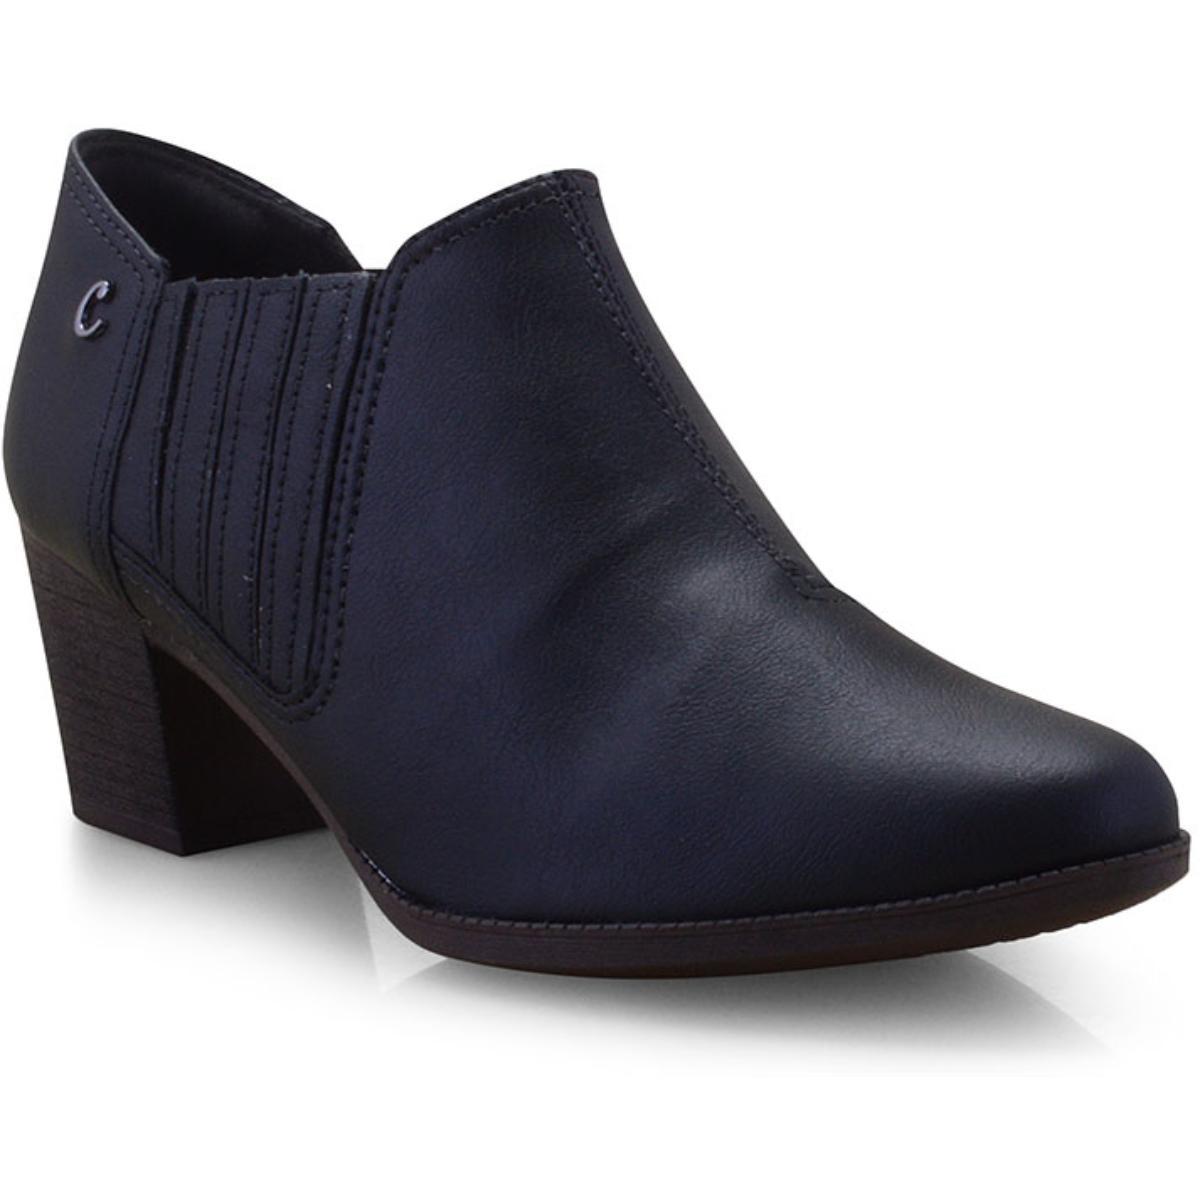 Sapato Feminino Campesi L6593 Preto